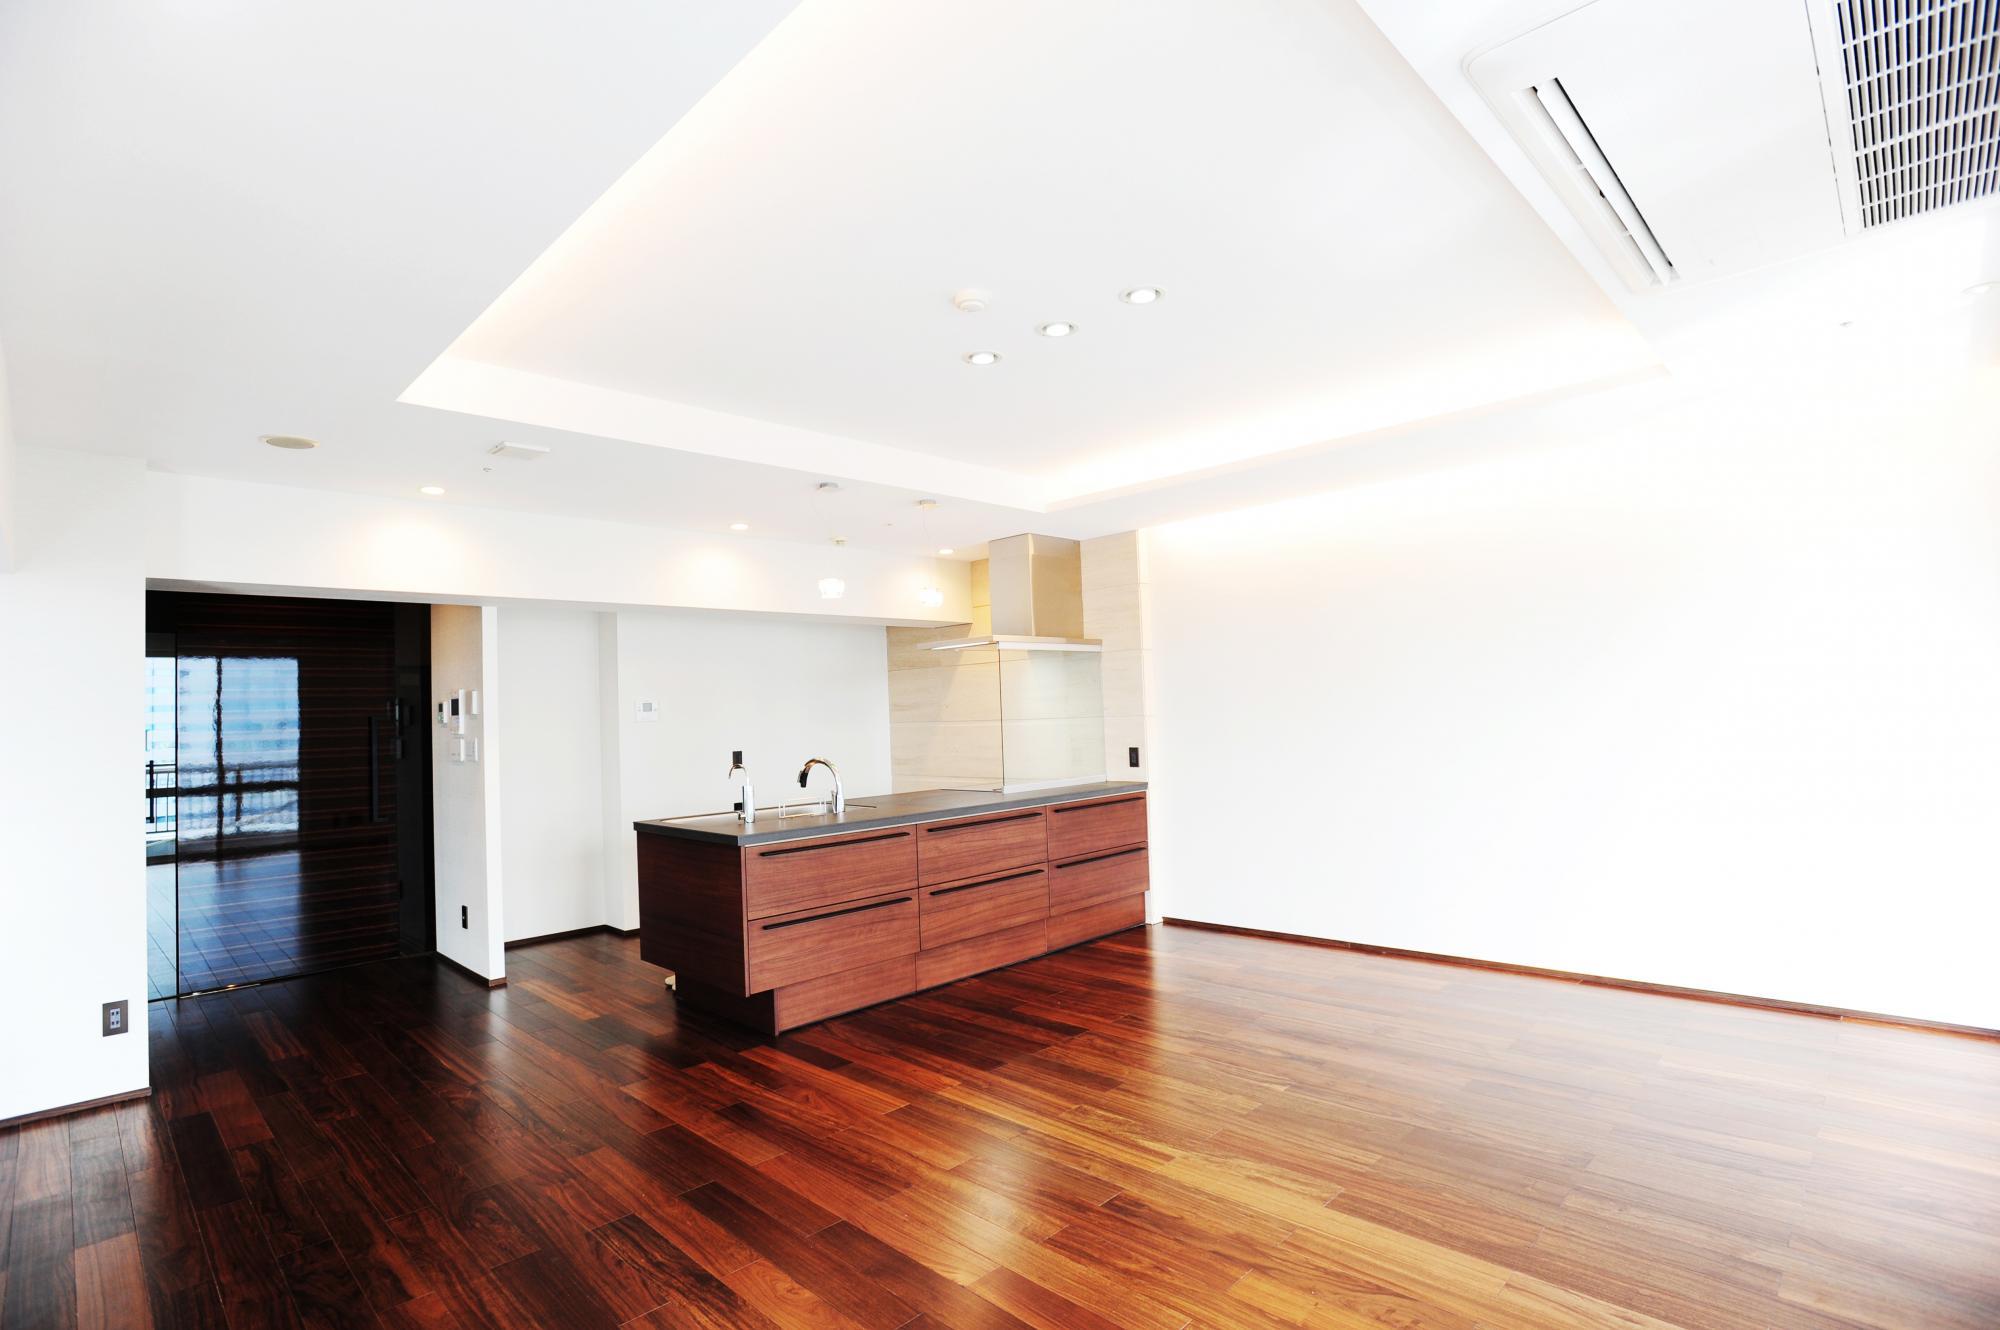 広さなんと27畳LDK、折り上げ天井には間接照明システムを導入した高級感を演出した空間は最高天井高2.6mの贅沢な空間です。床暖房や快適機能も満載です。